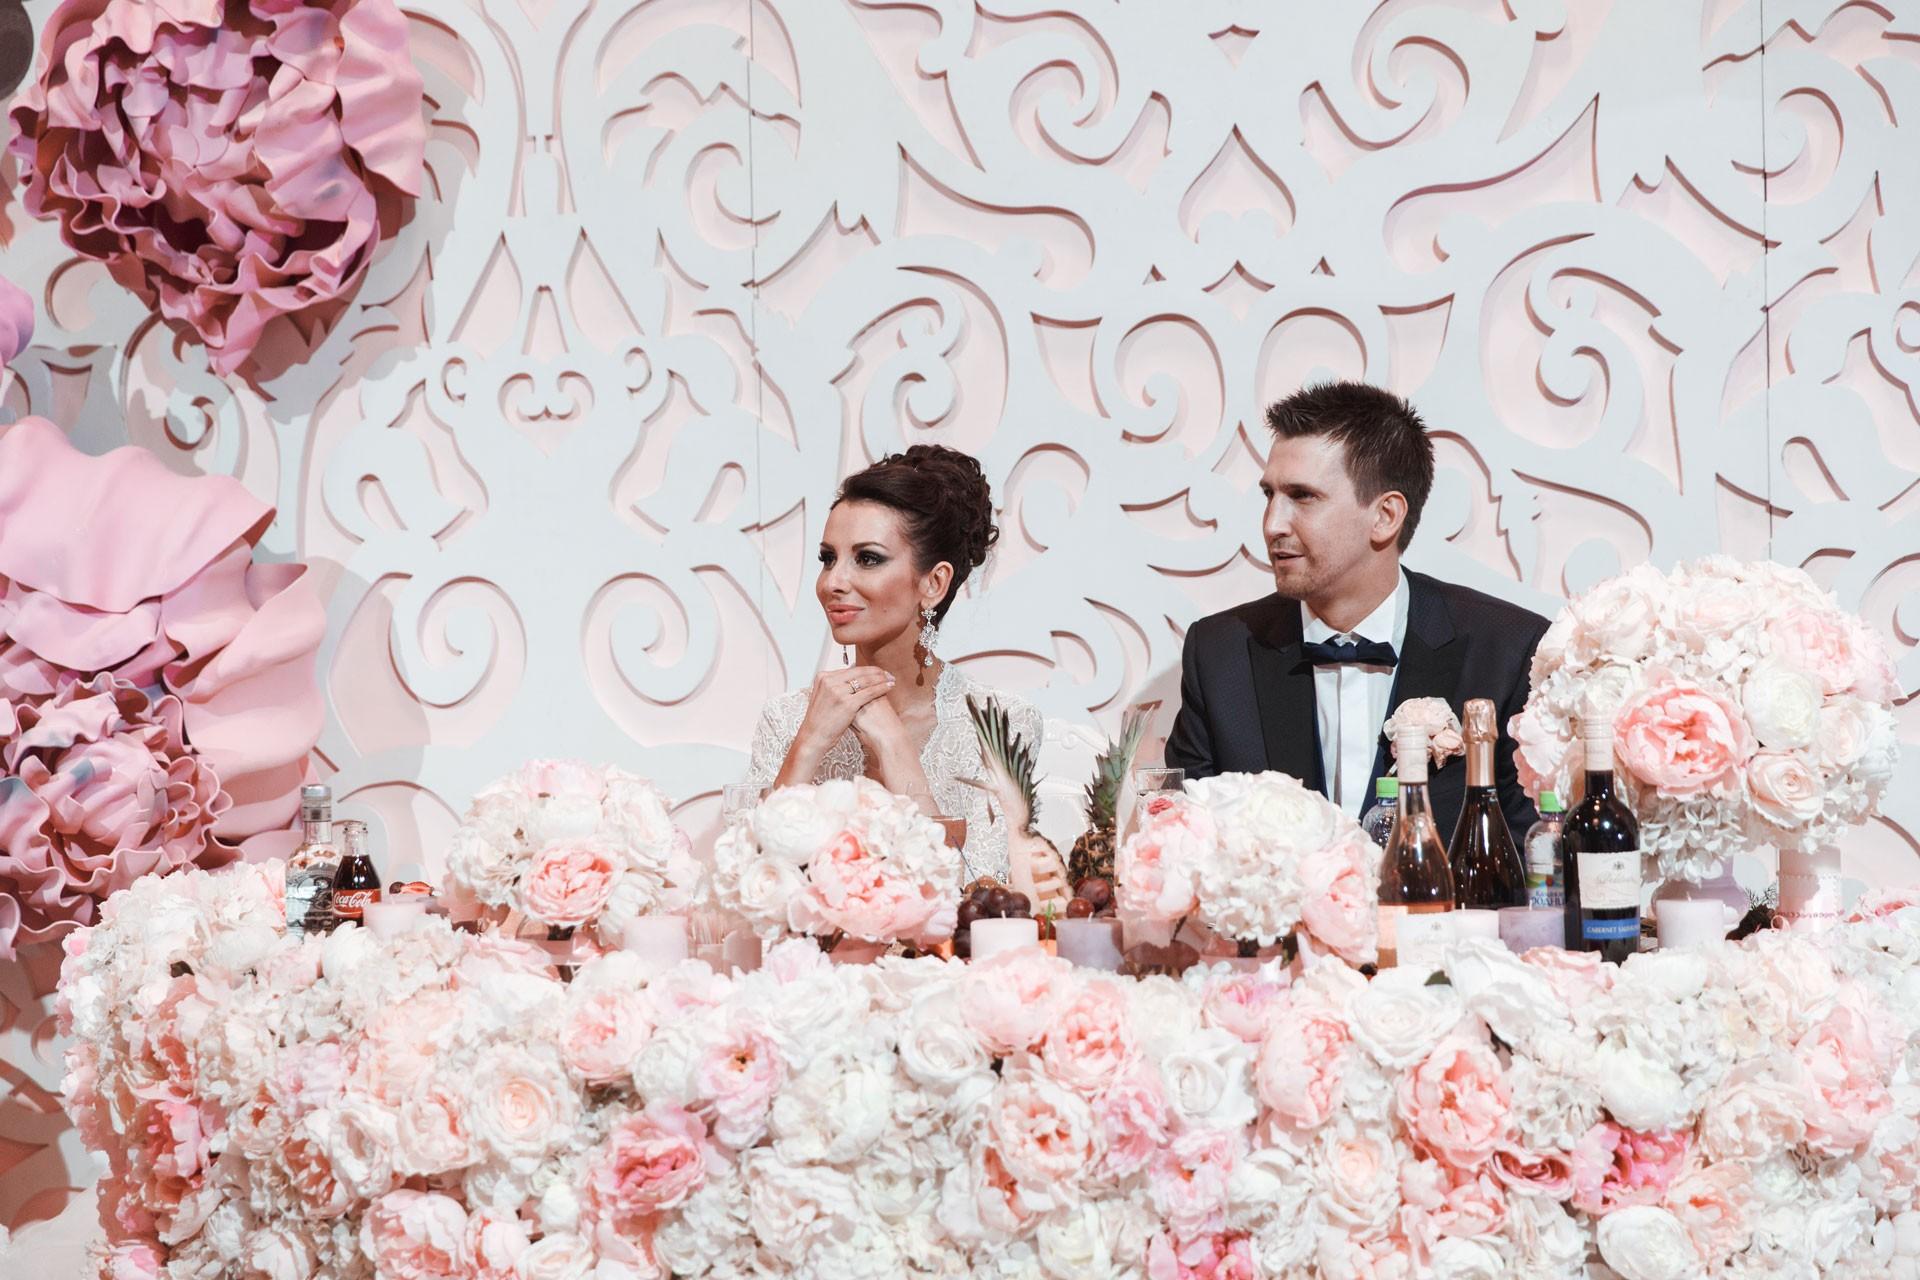 Пионовая свадьба. Свадьба Анны Грачевской и Артема Кузякина фото 29